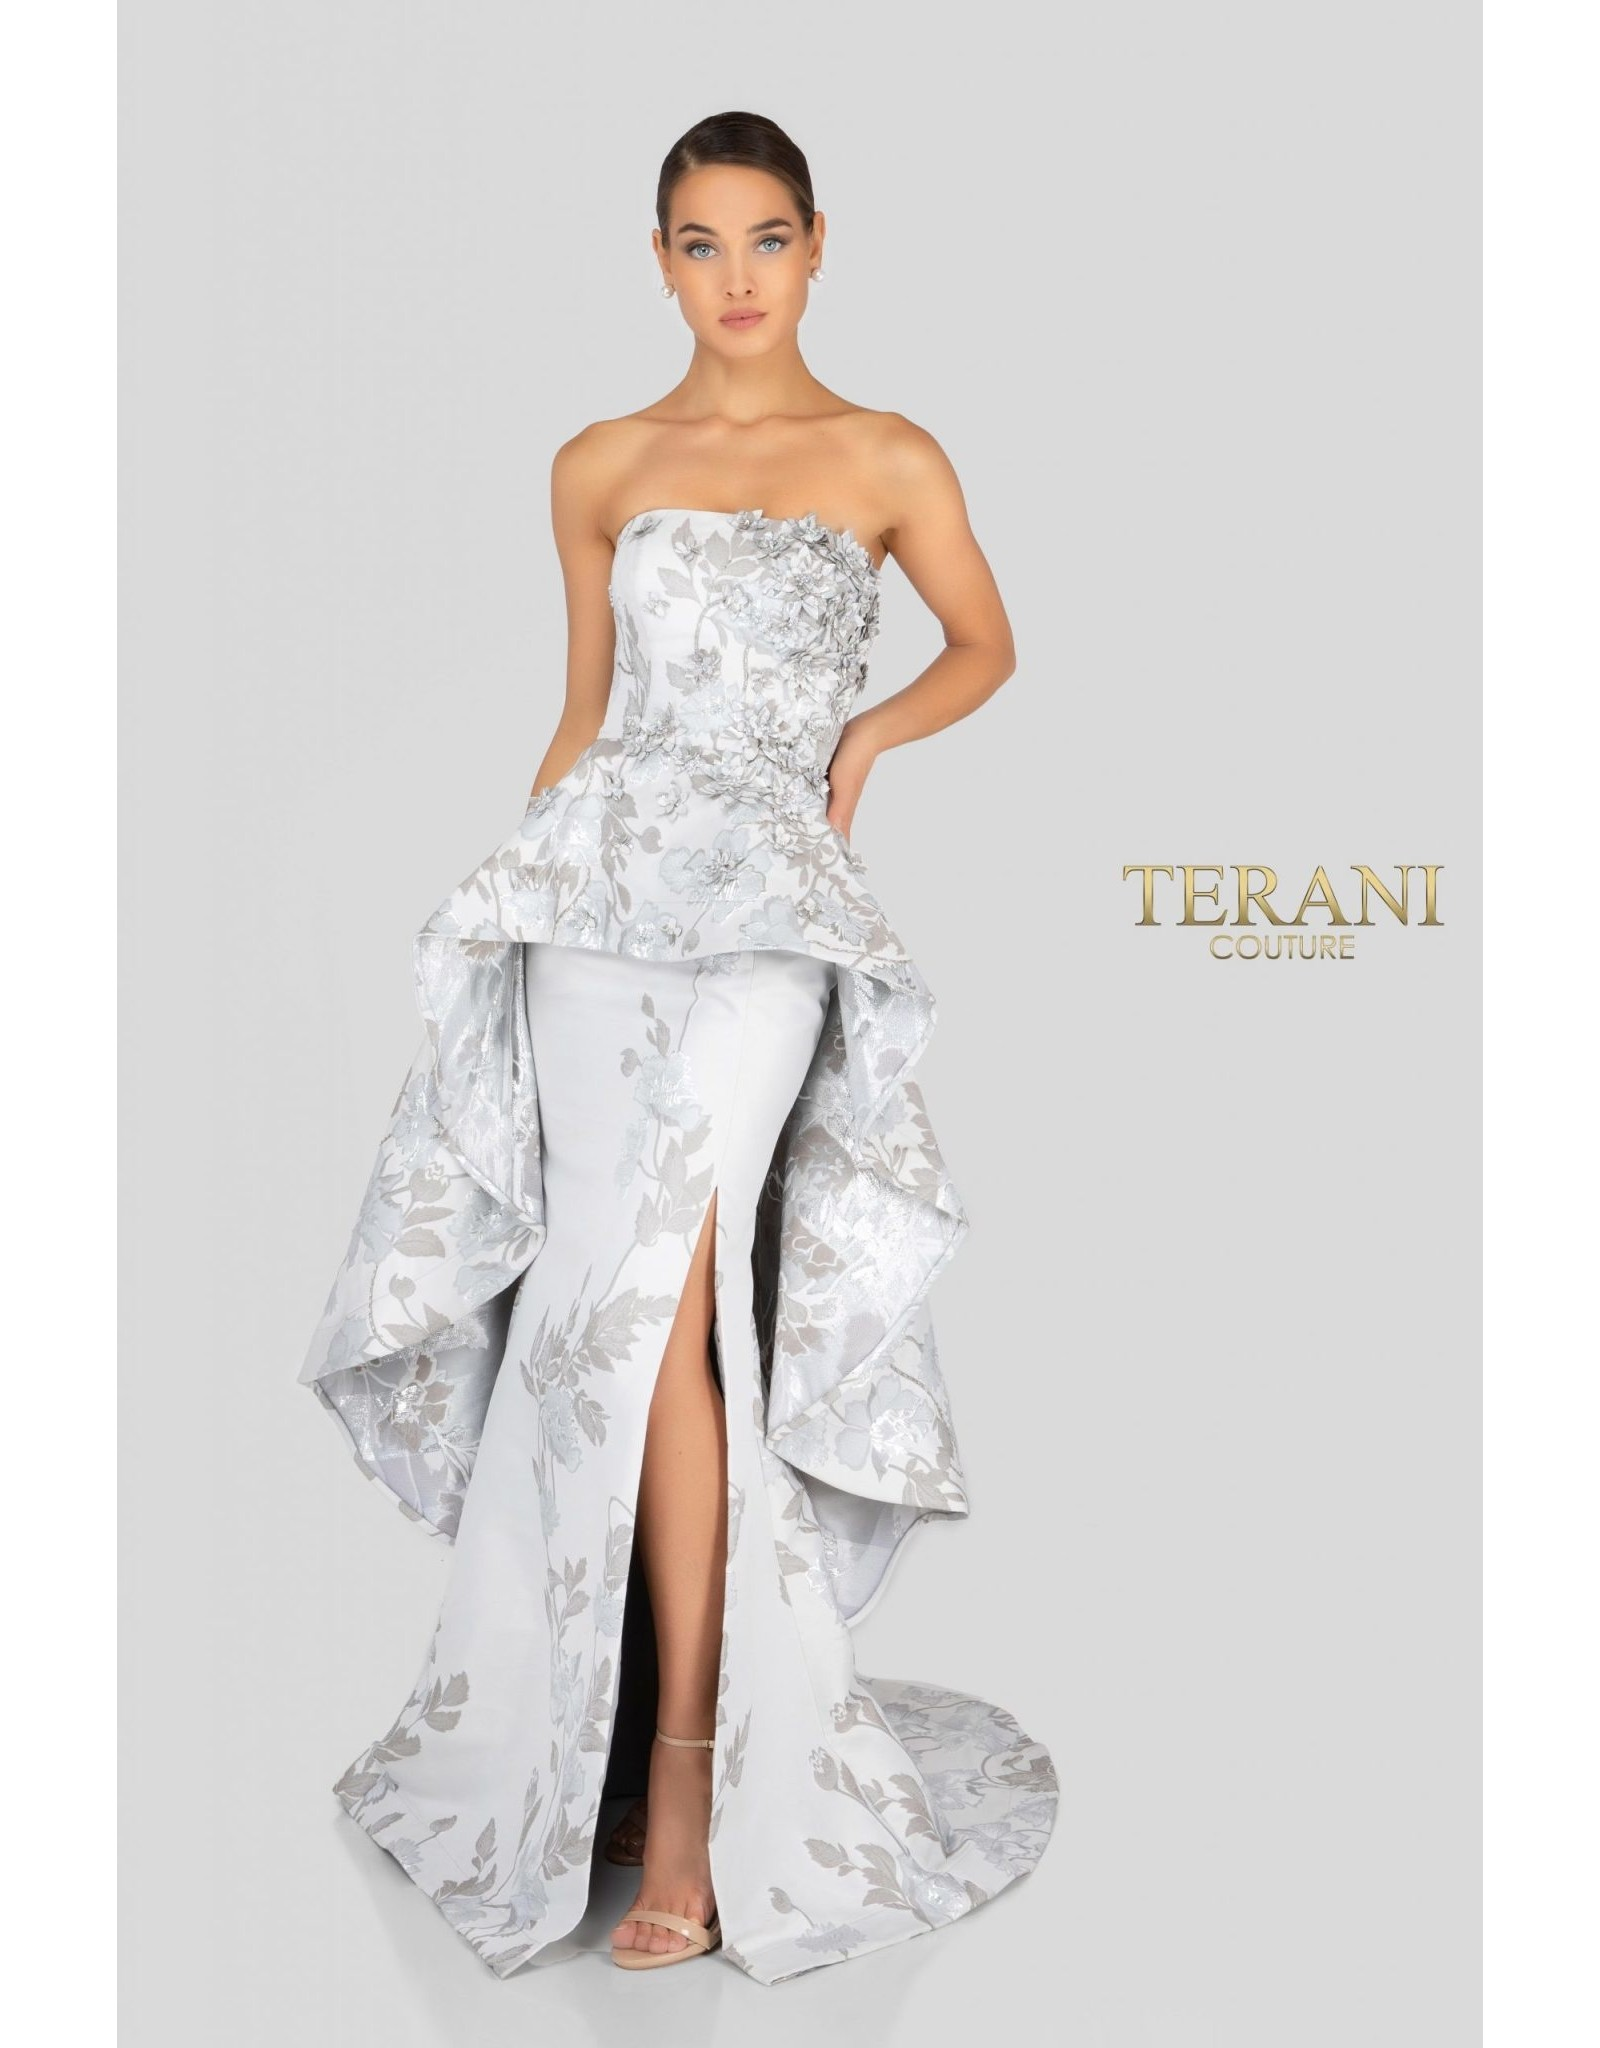 Terani 1911E9143 Terani Dresses